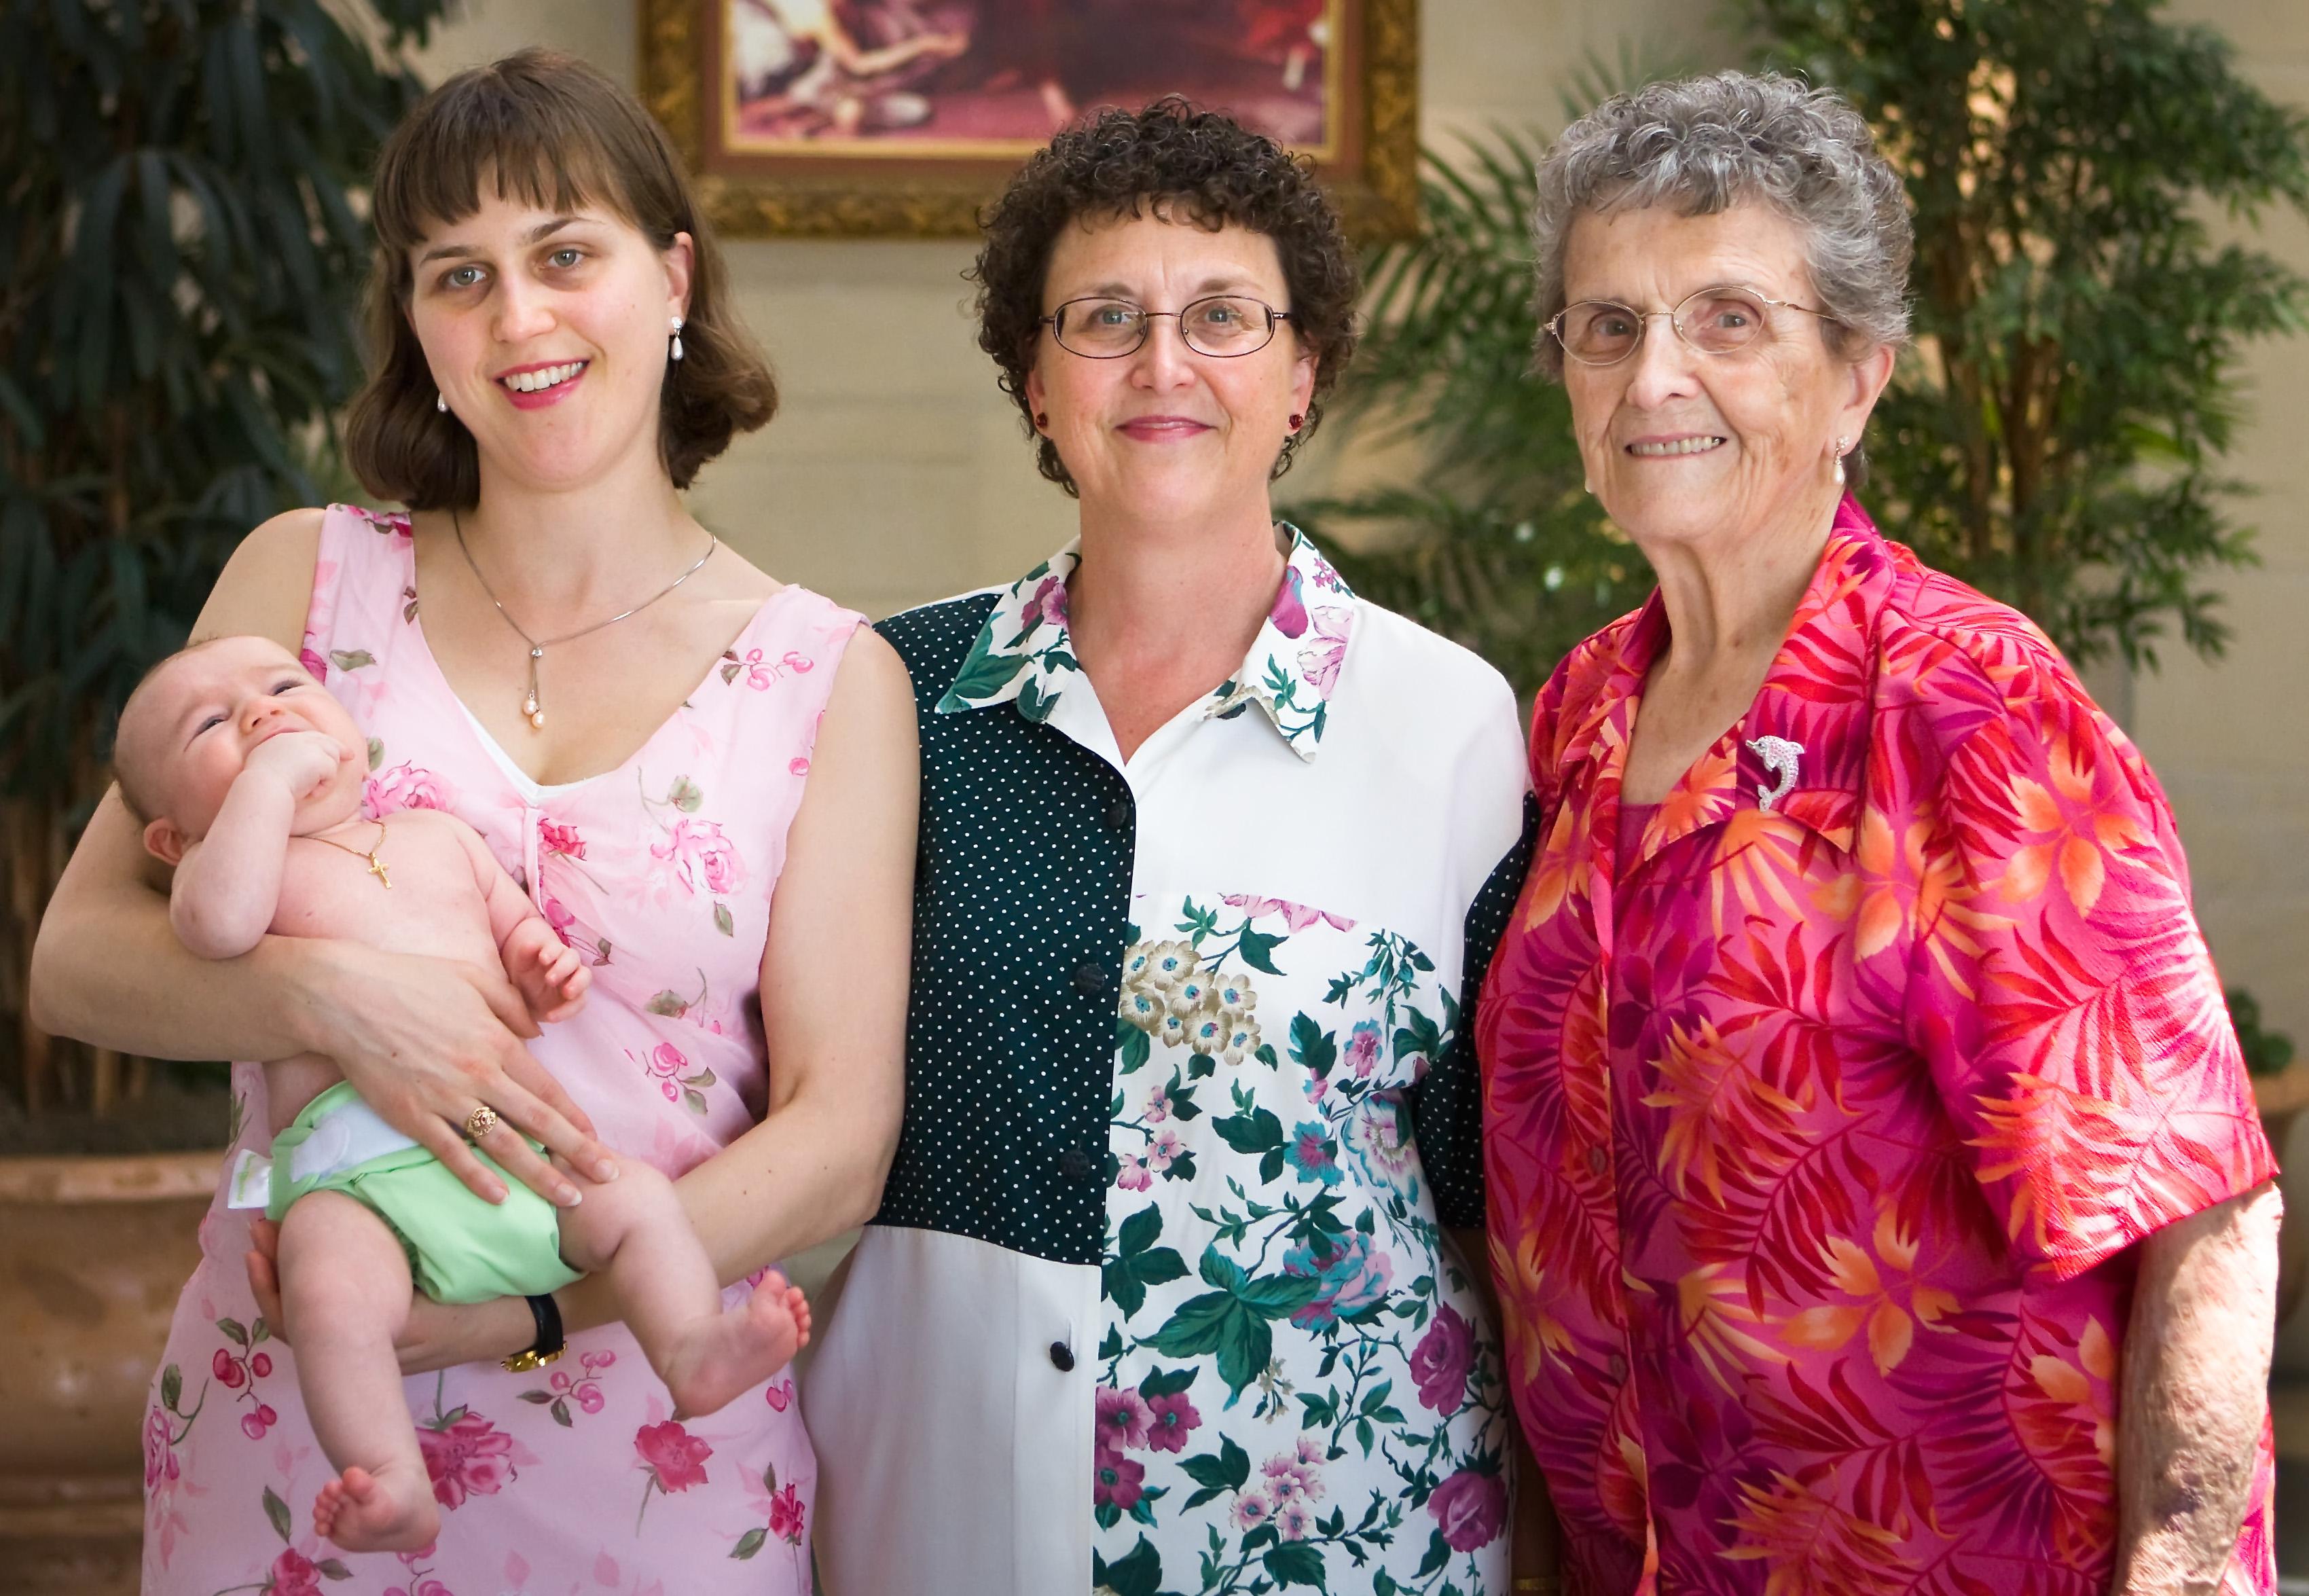 reproducción asistida intrafamiliar